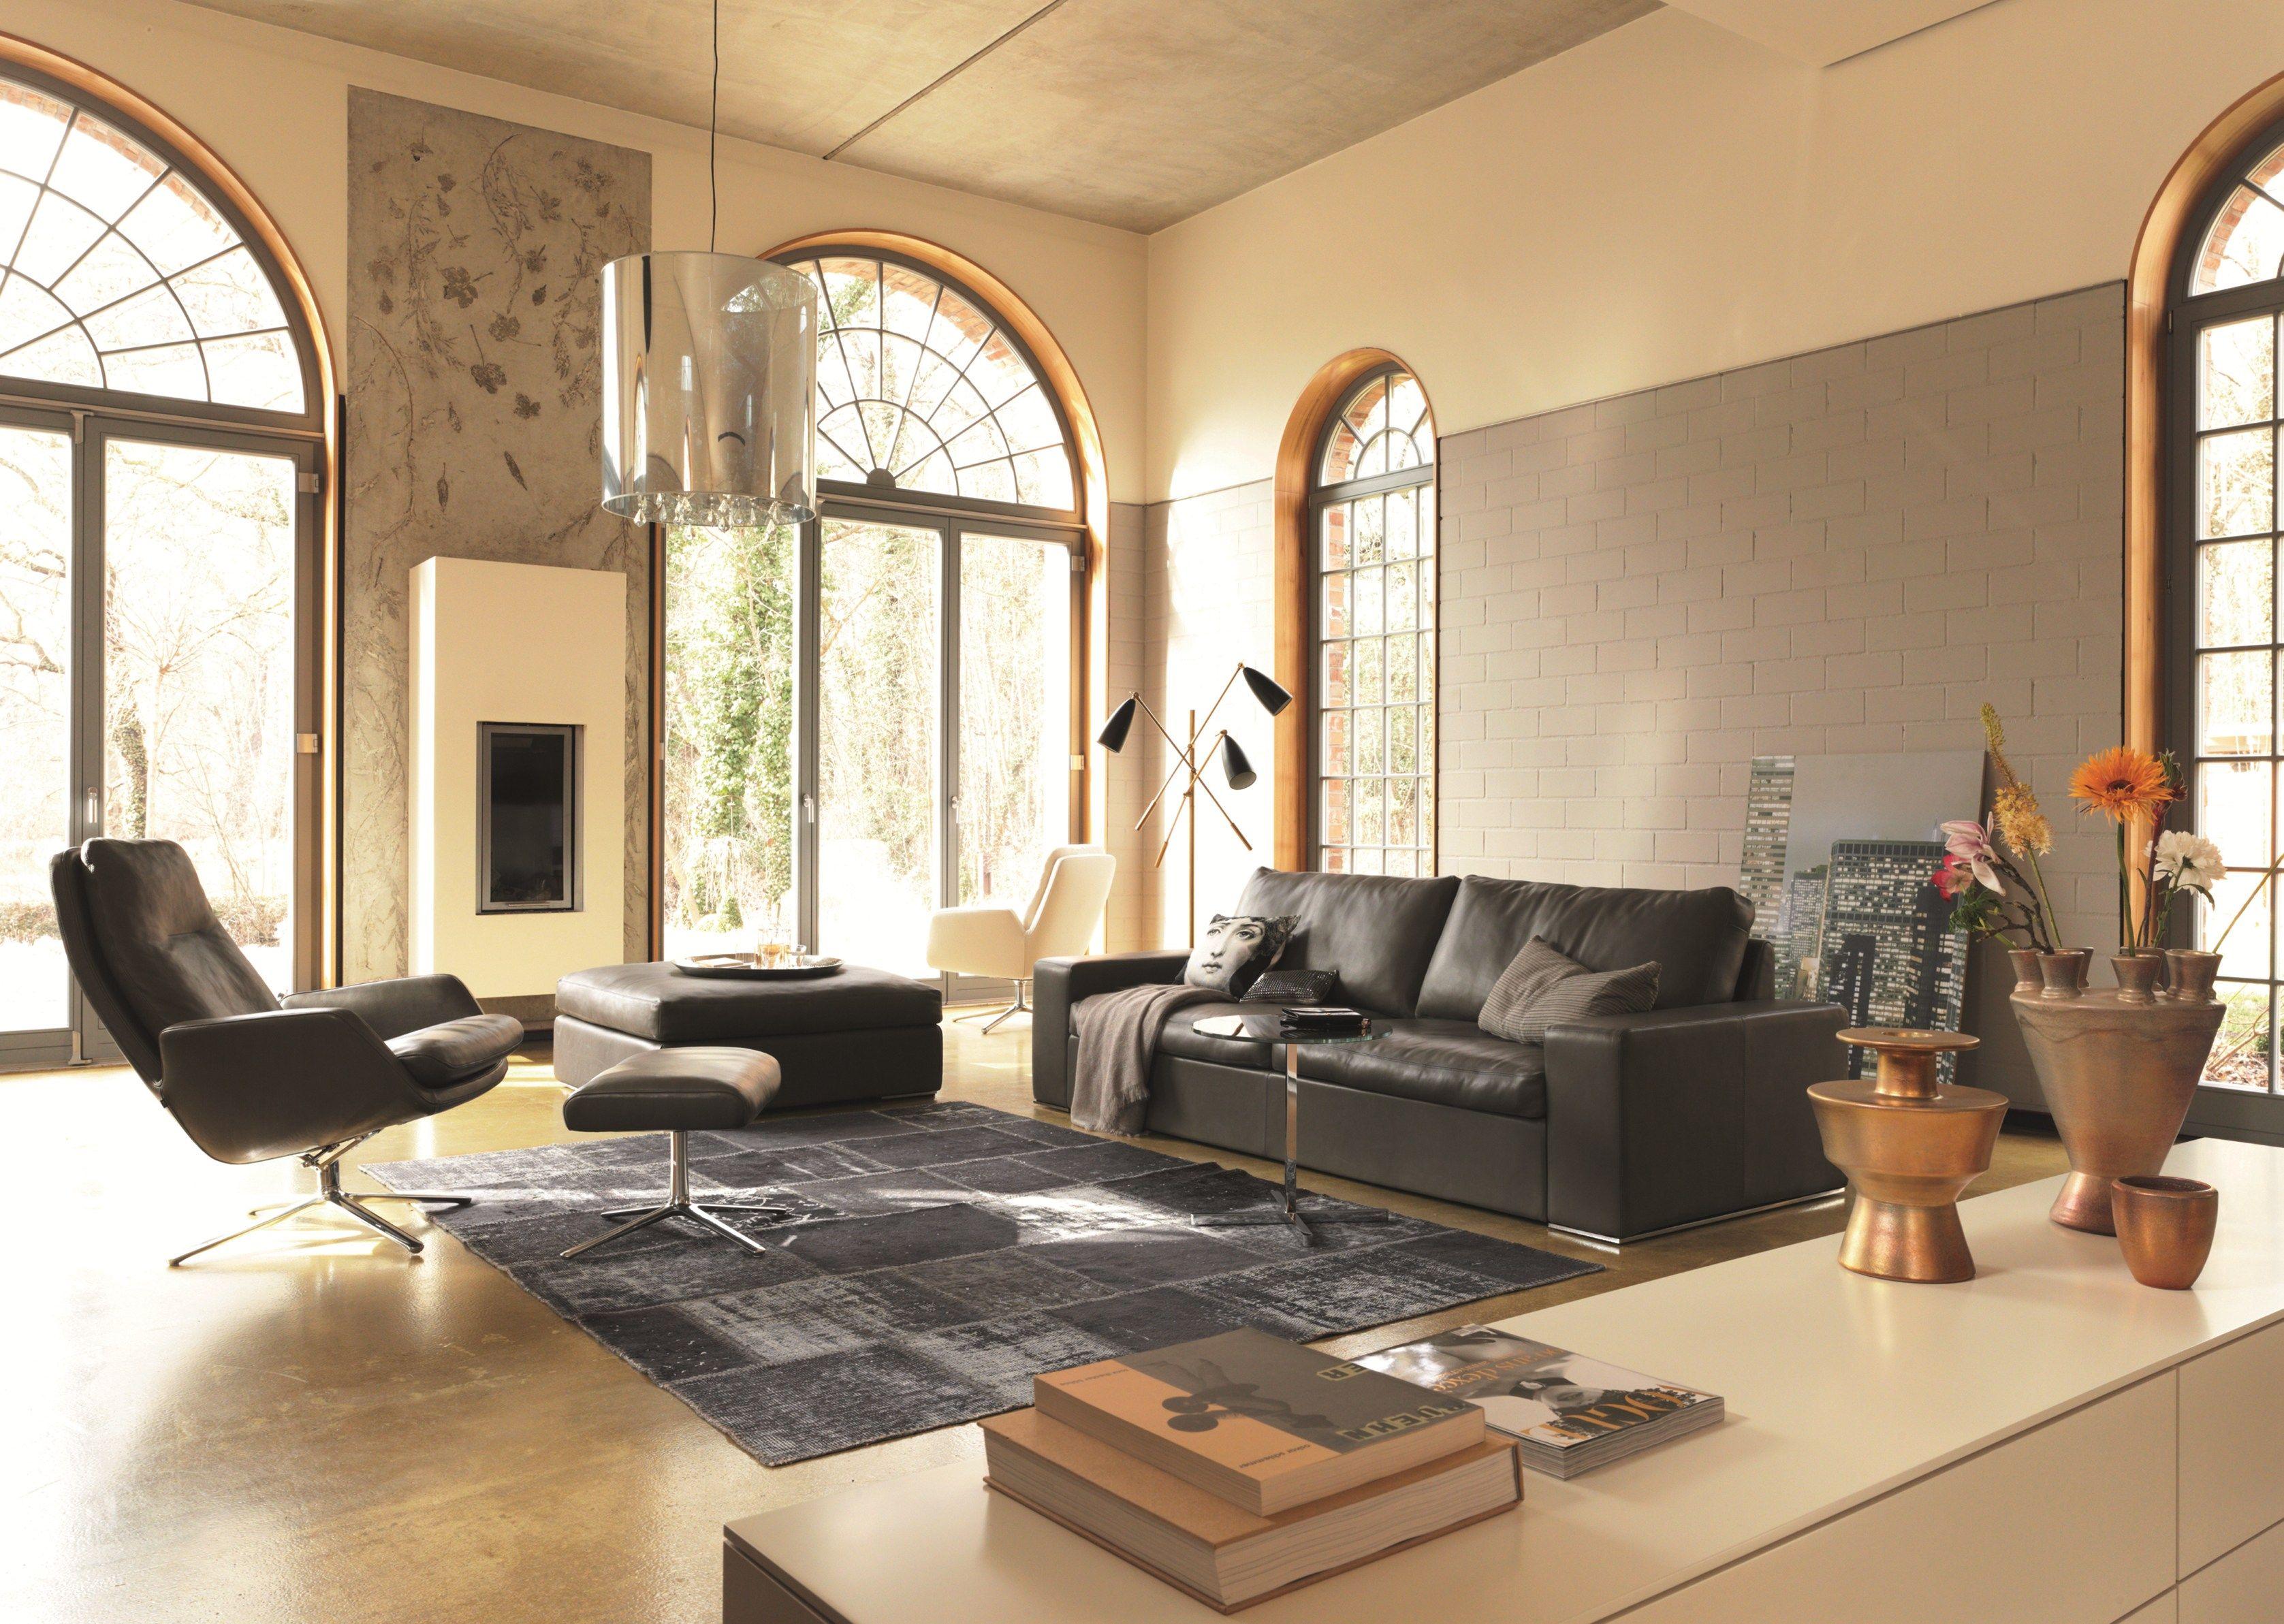 conseta by cor sitzm bel helmut l bke design friedrich wilhelm m ller. Black Bedroom Furniture Sets. Home Design Ideas